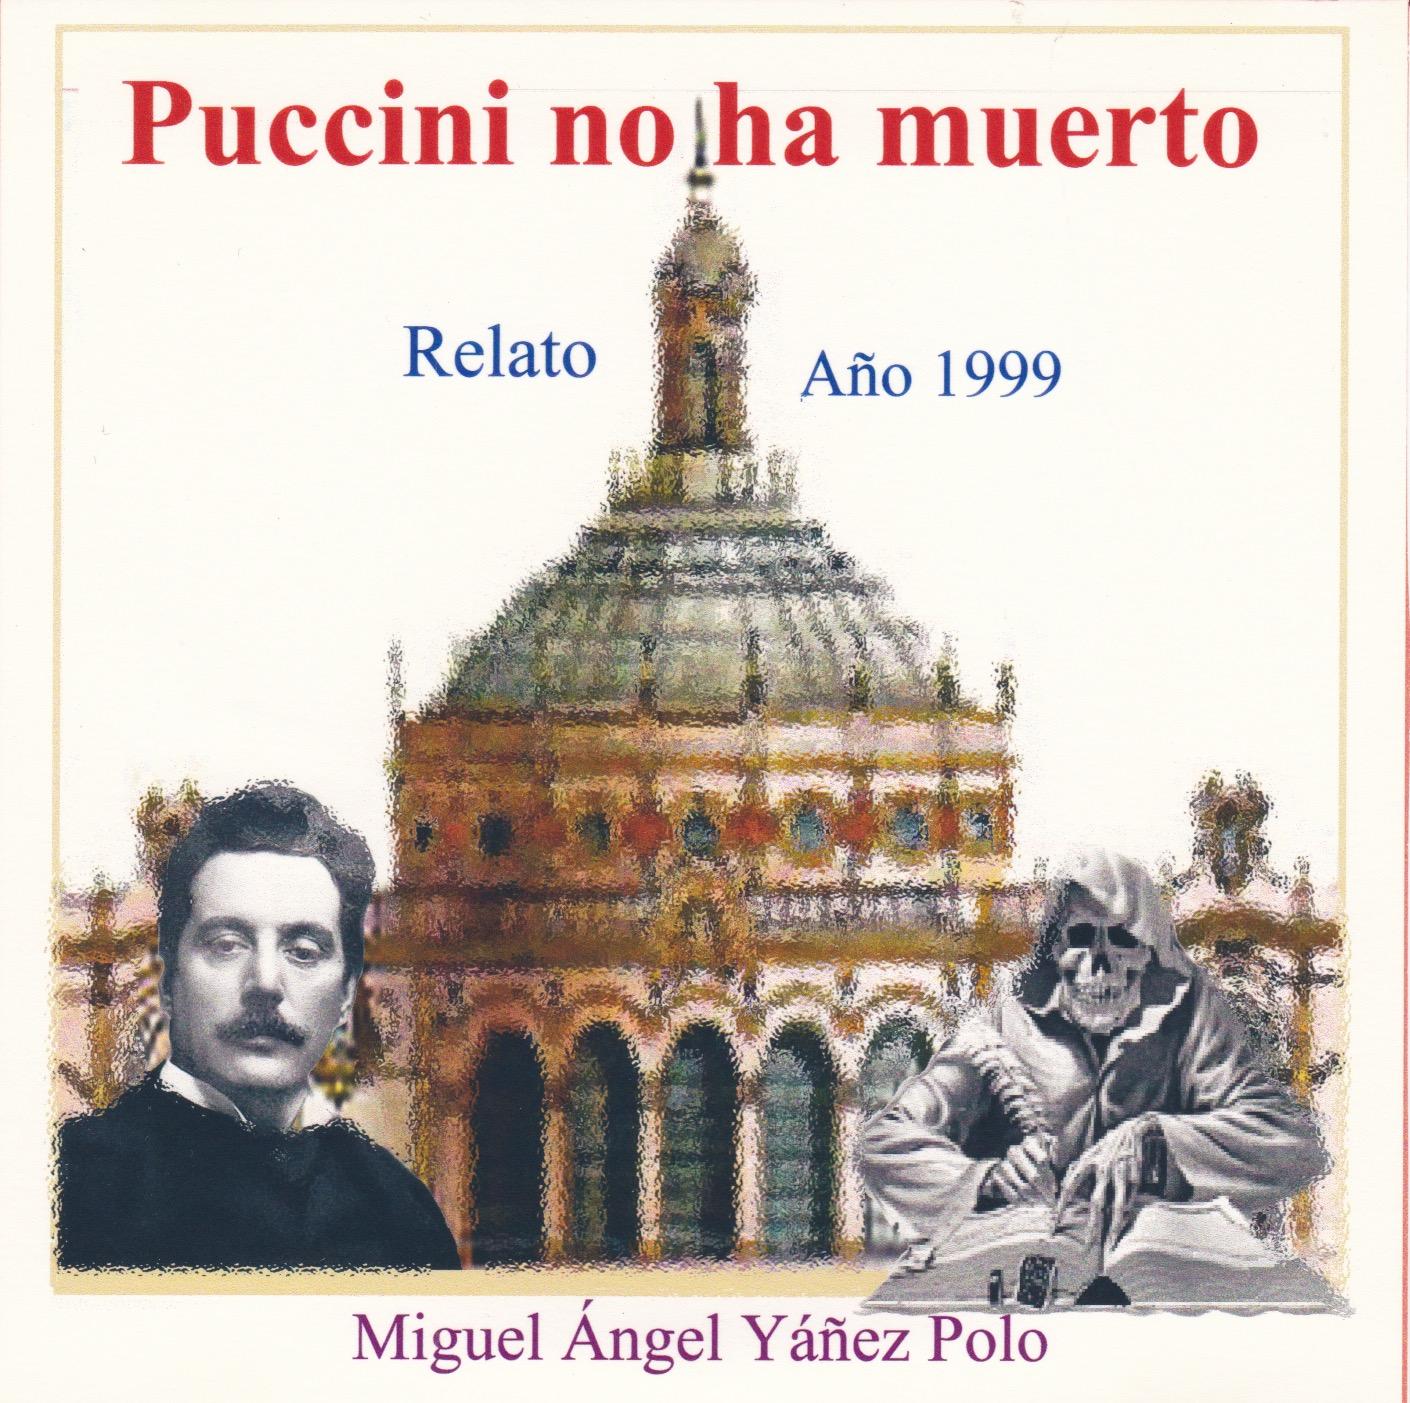 Puccini no ha muerto